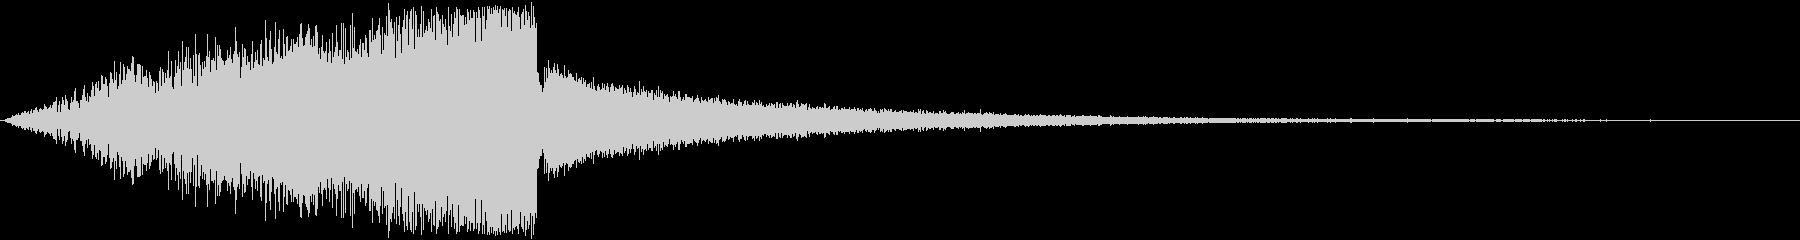 存在感溢れるタイトルロゴ (映画・映像)の未再生の波形